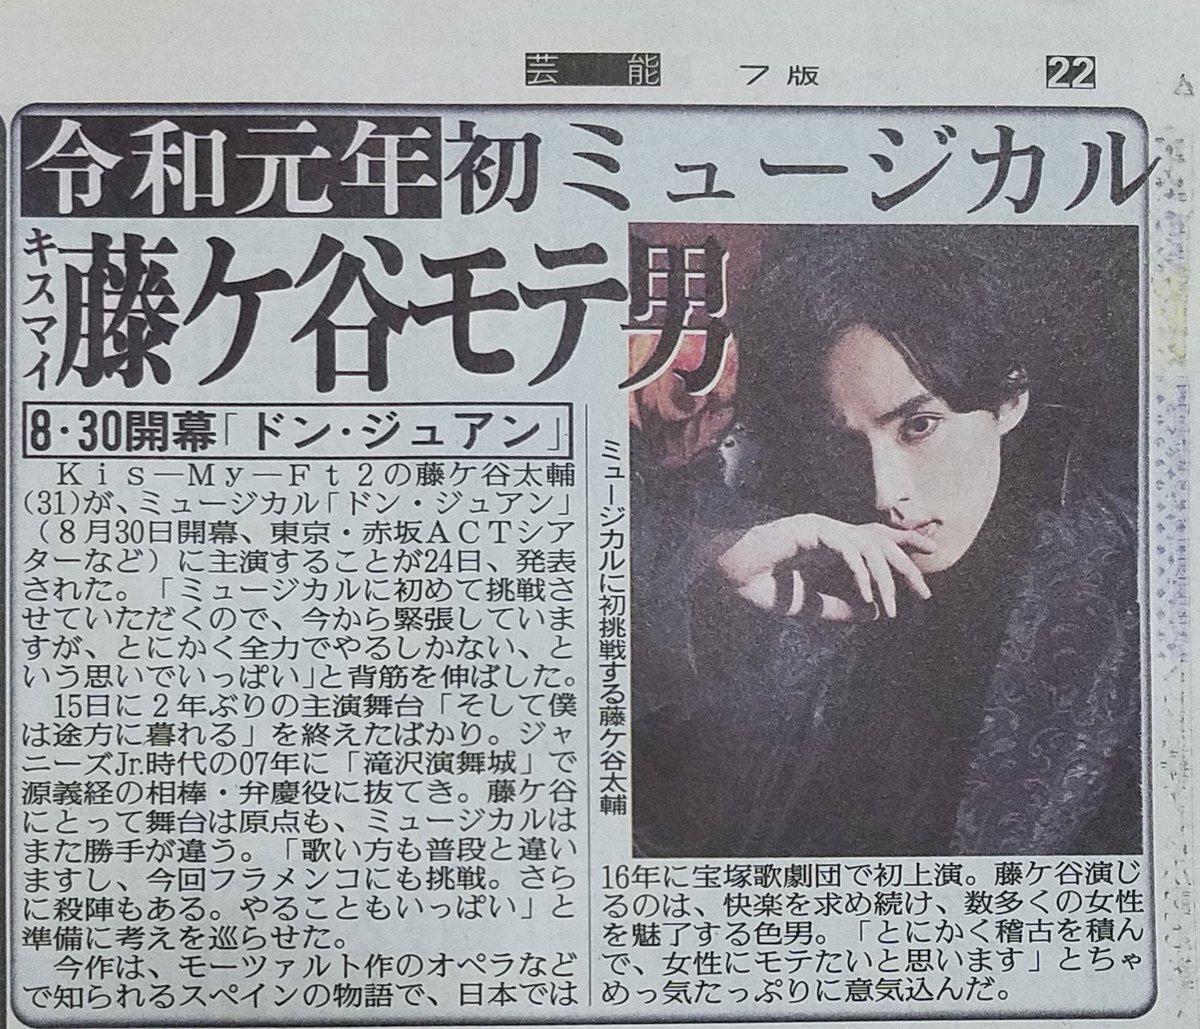 ちゅら's photo on ドン・ジュアン